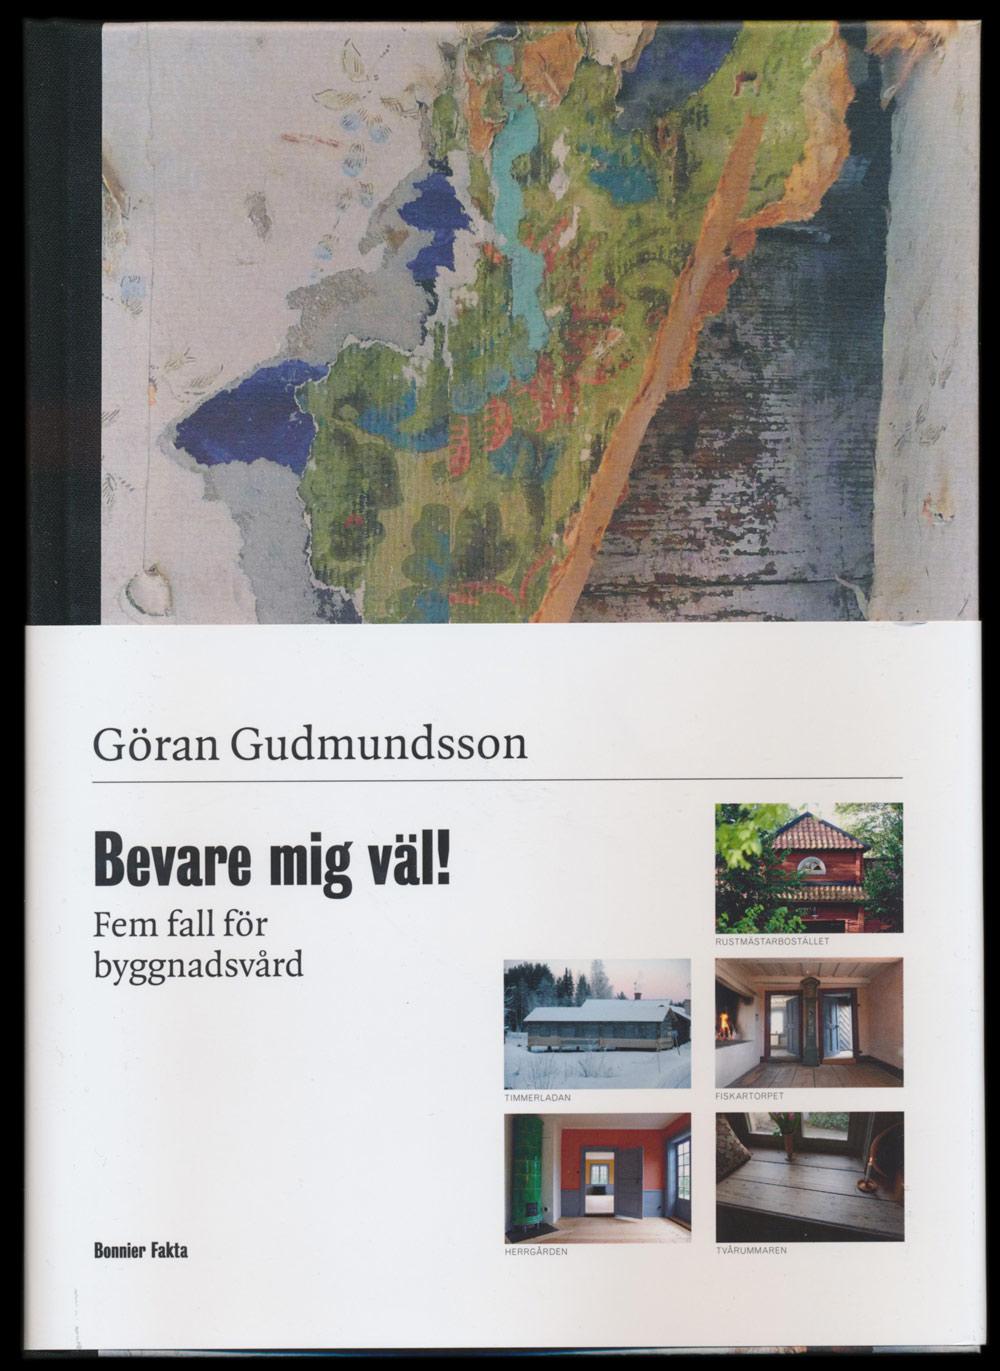 Bevare mig väl! av Göran Gudmunsson